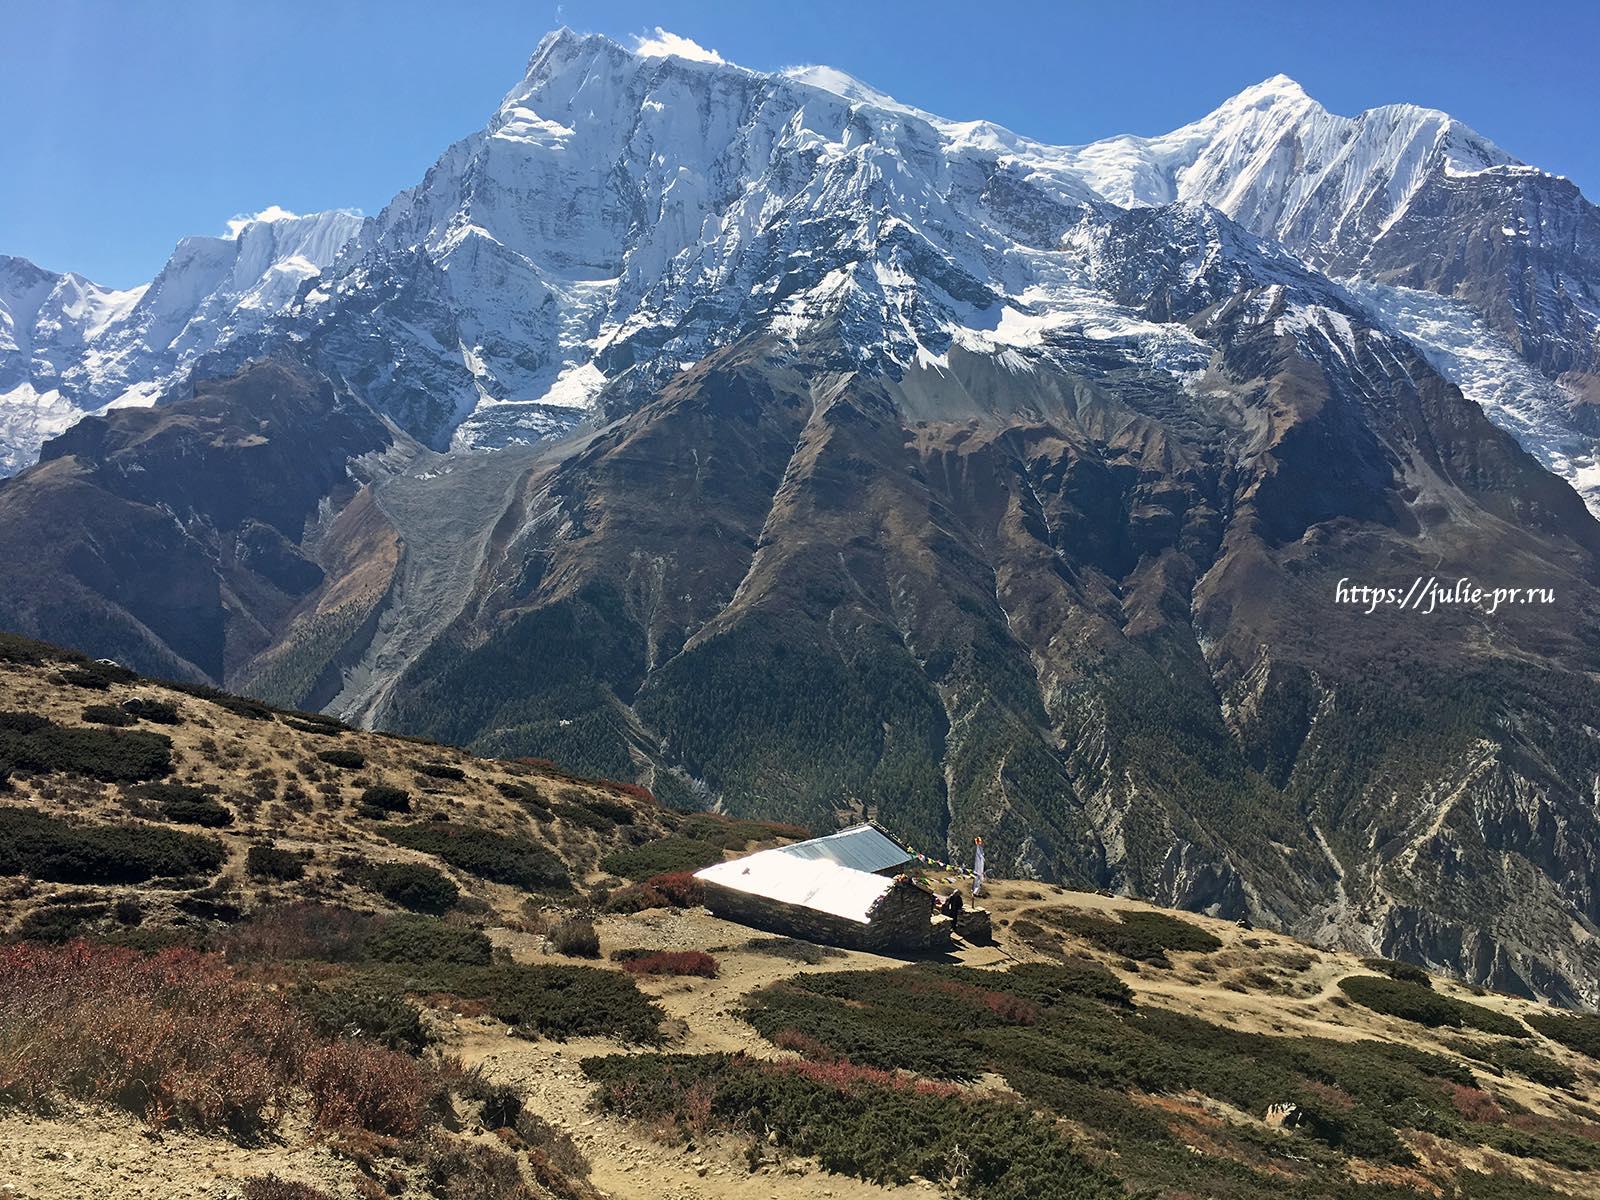 Непал, Трек вокруг Аннапурны, Горы, Чайный домик